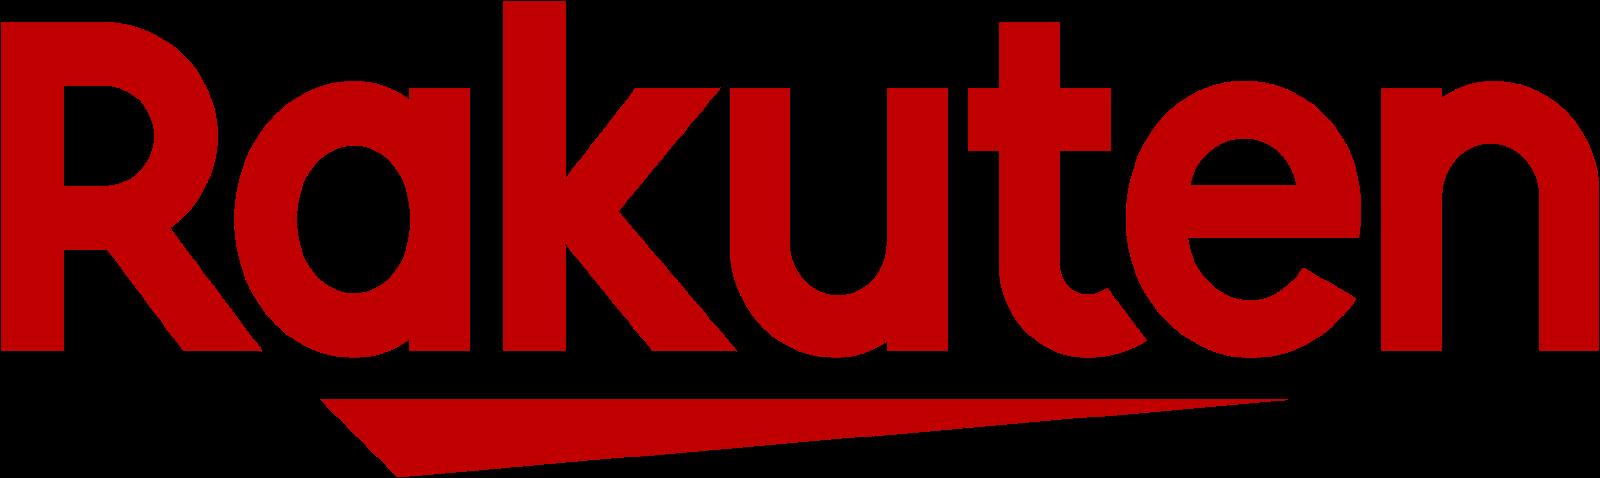 The Branding Source One Brand For Rakuten